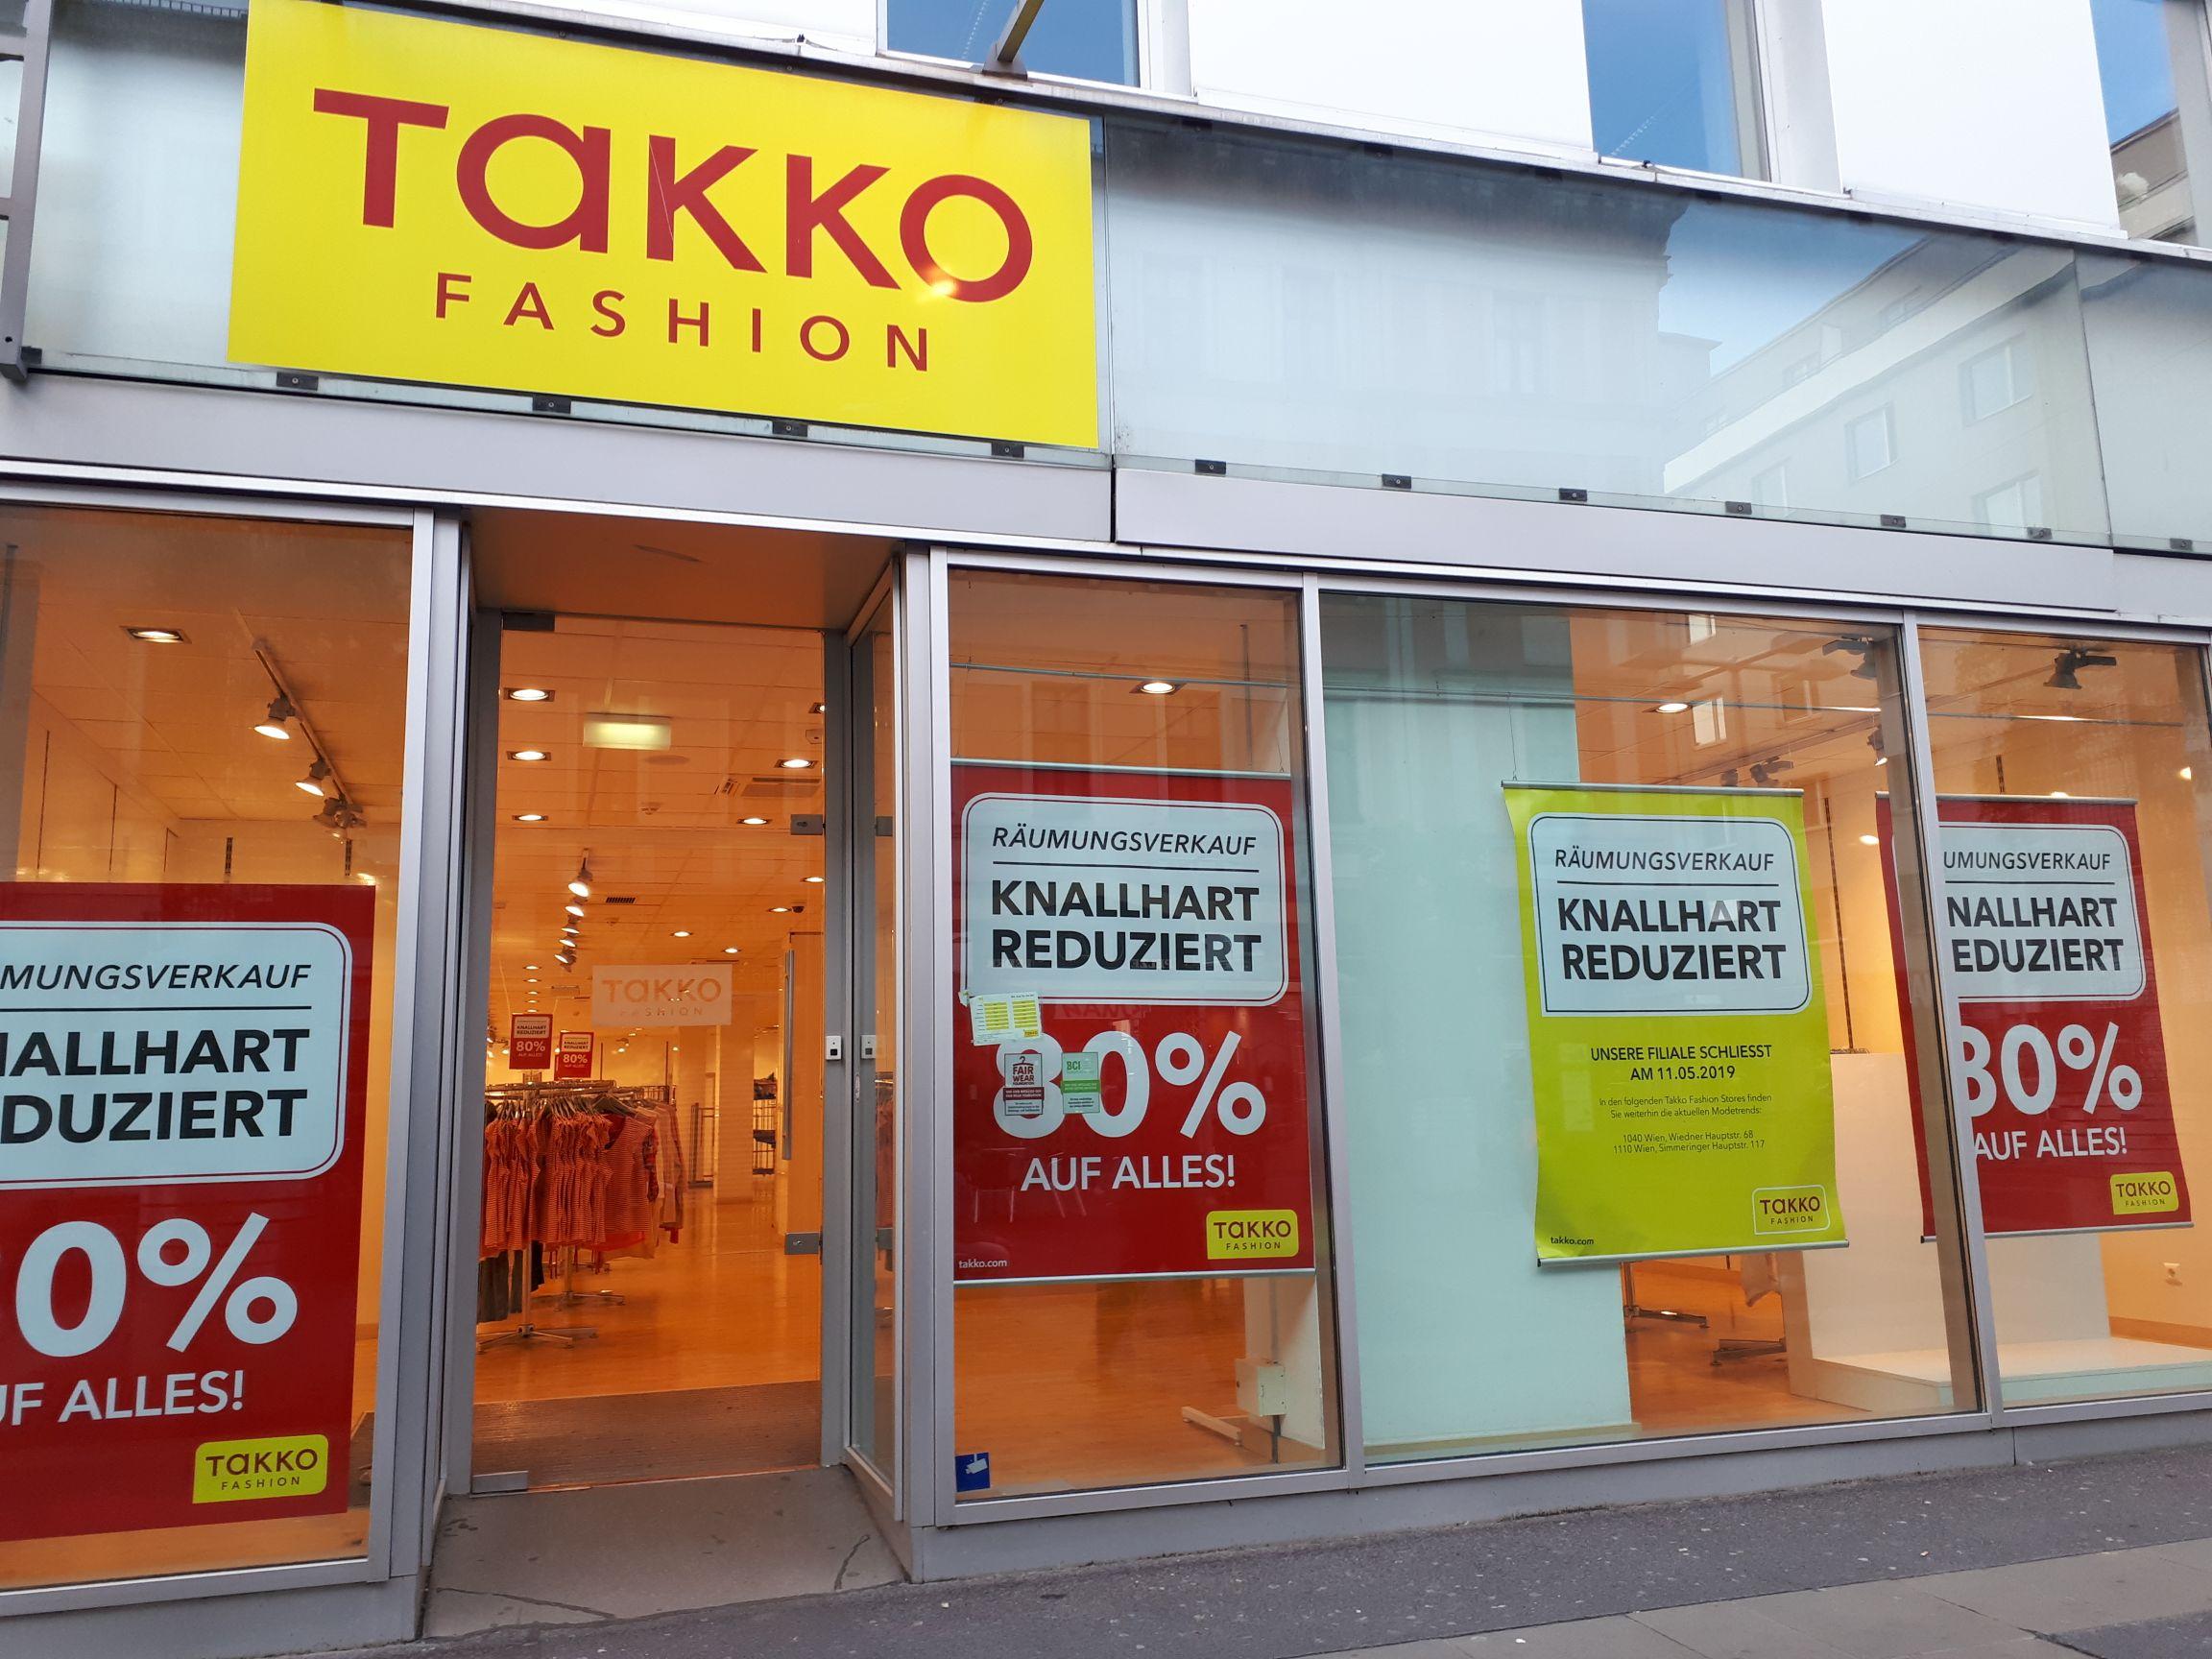 Takko Fashion in 1100 Wien: 80% auf ALLES!